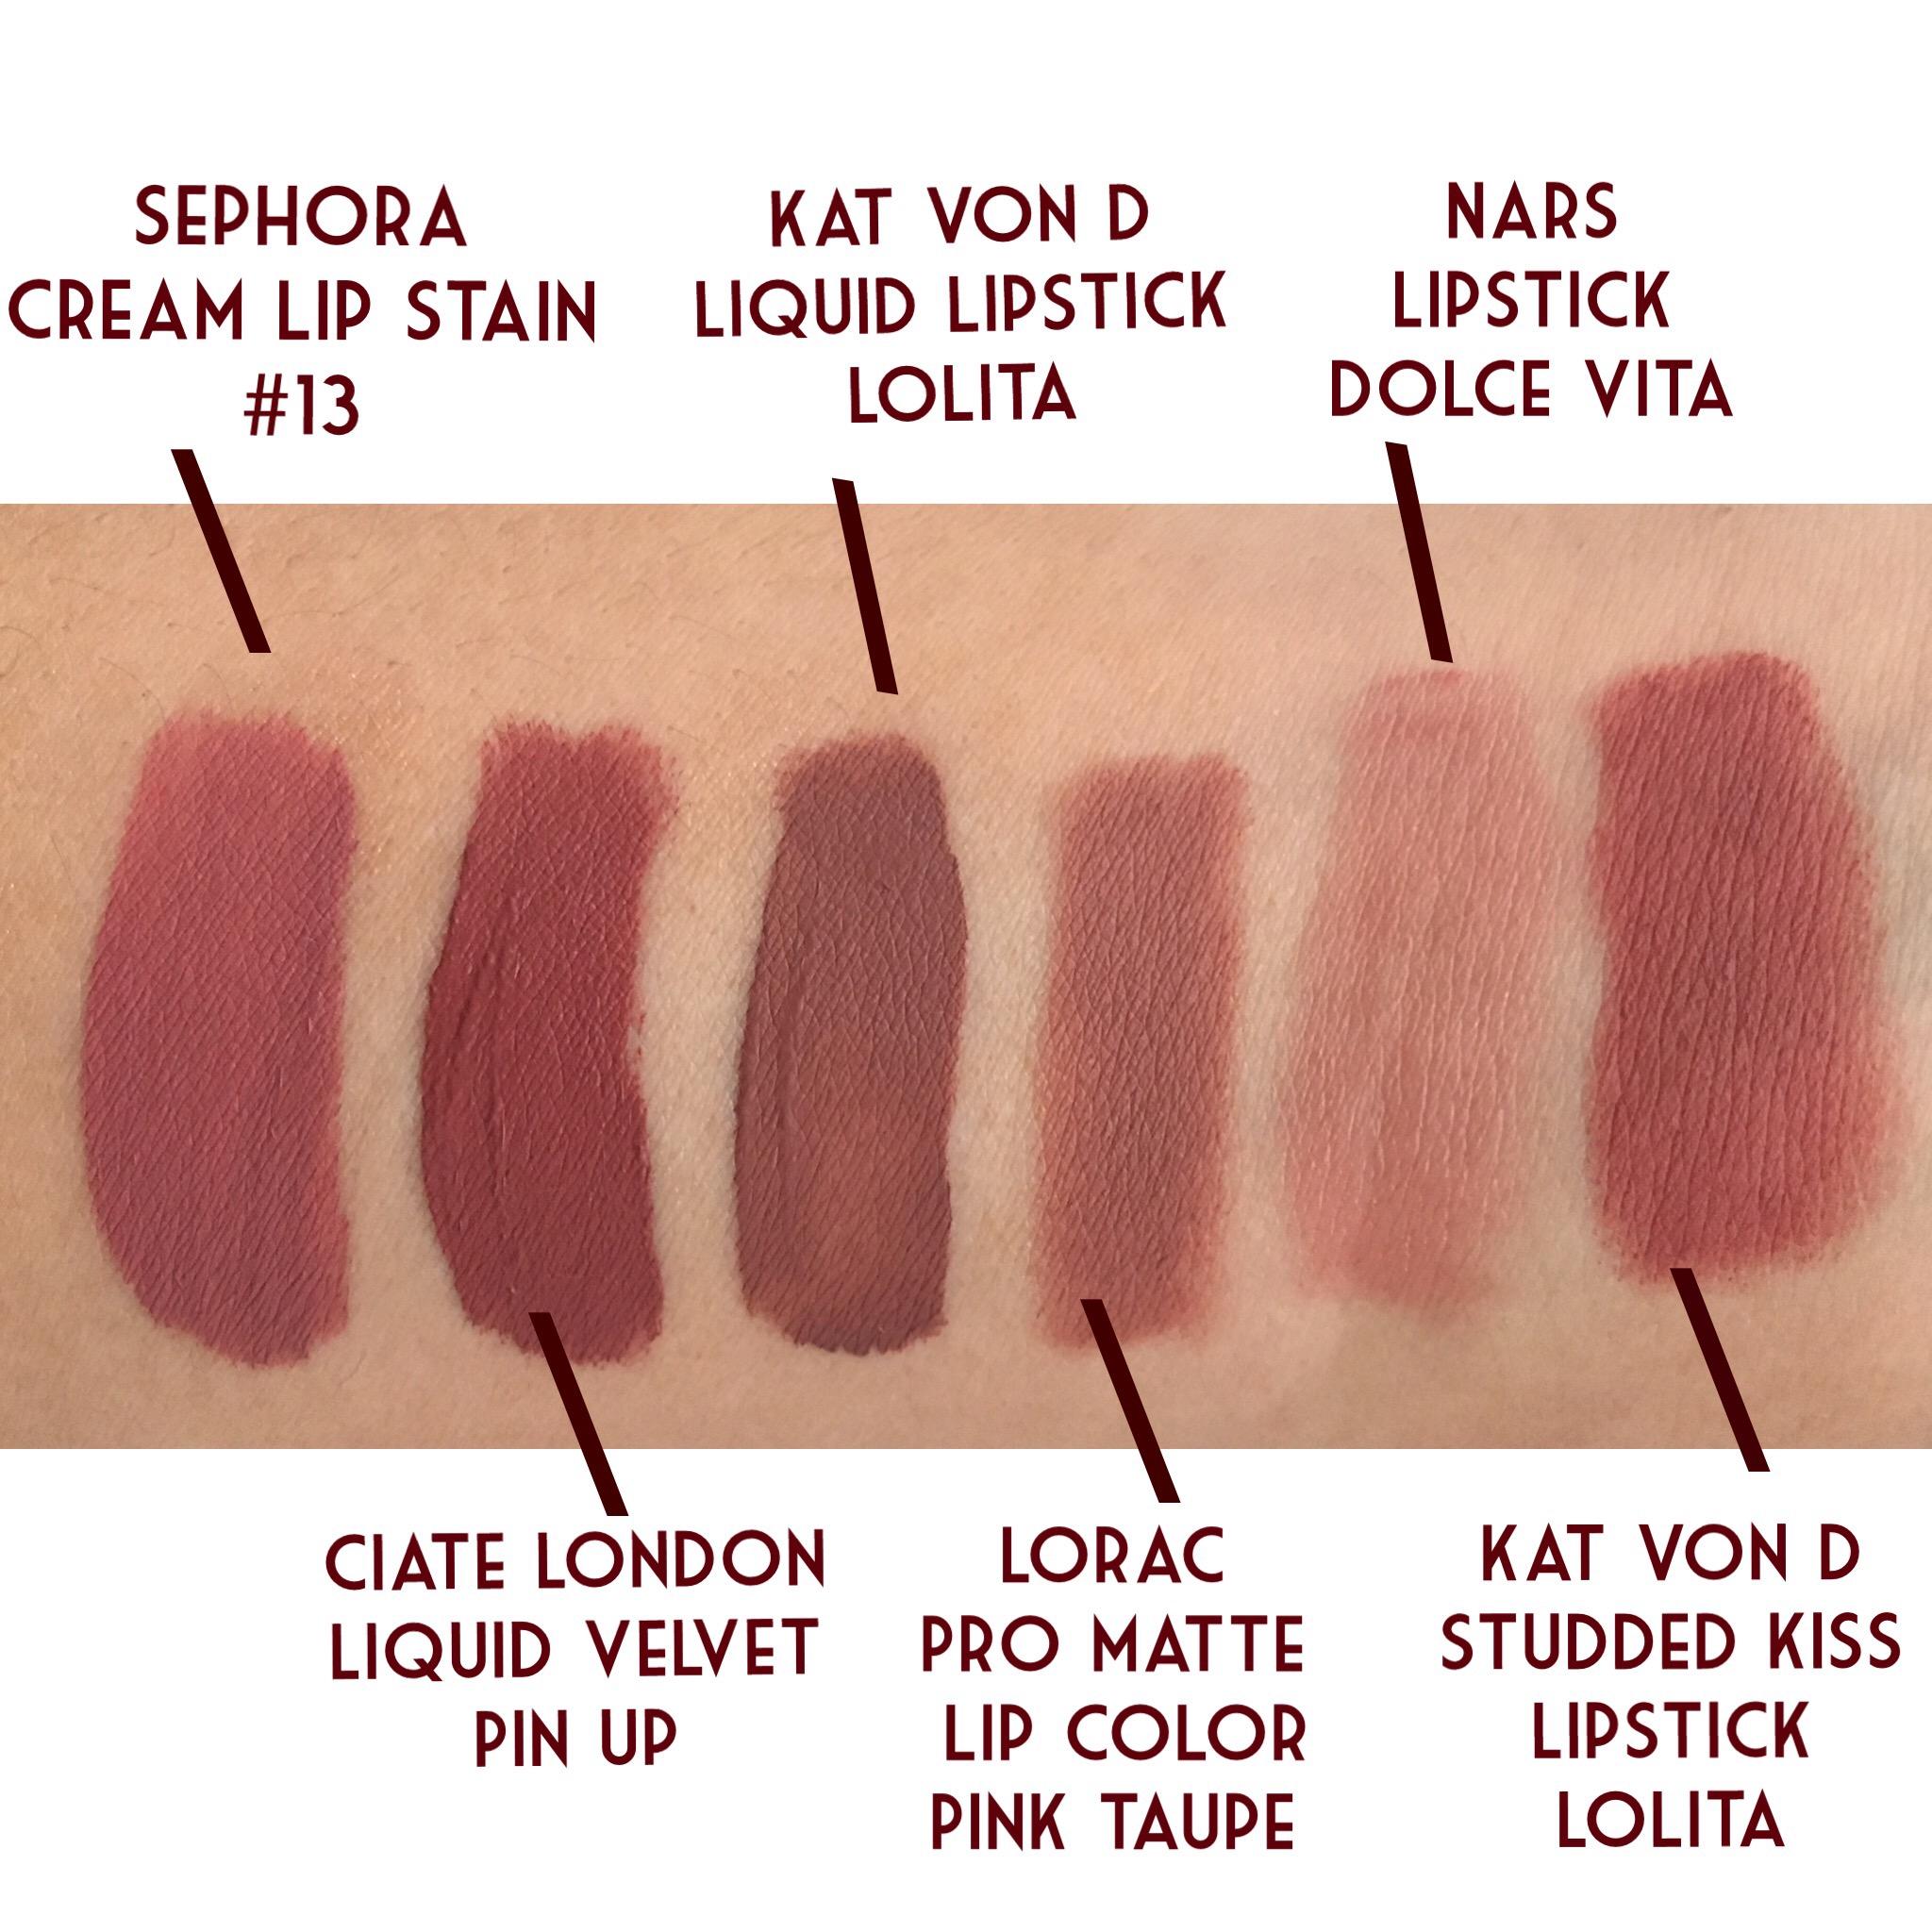 Kat von d makeup ulta